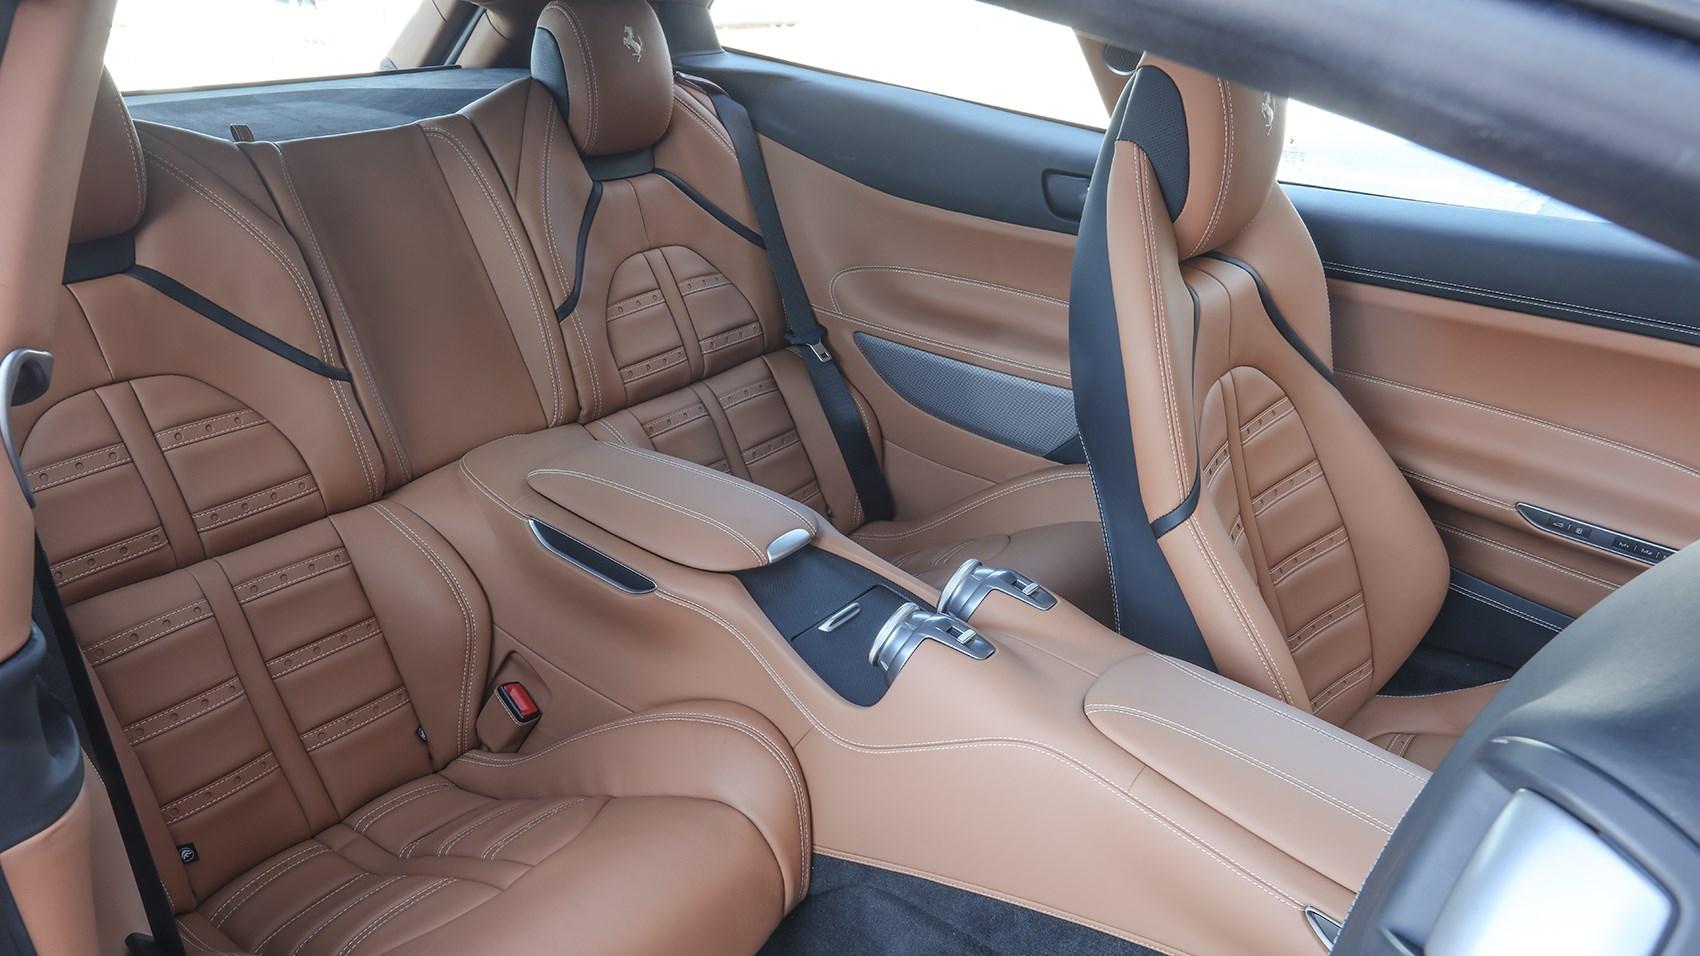 Two rear seats in Ferrari GTC4 Lusso T remarkably practical